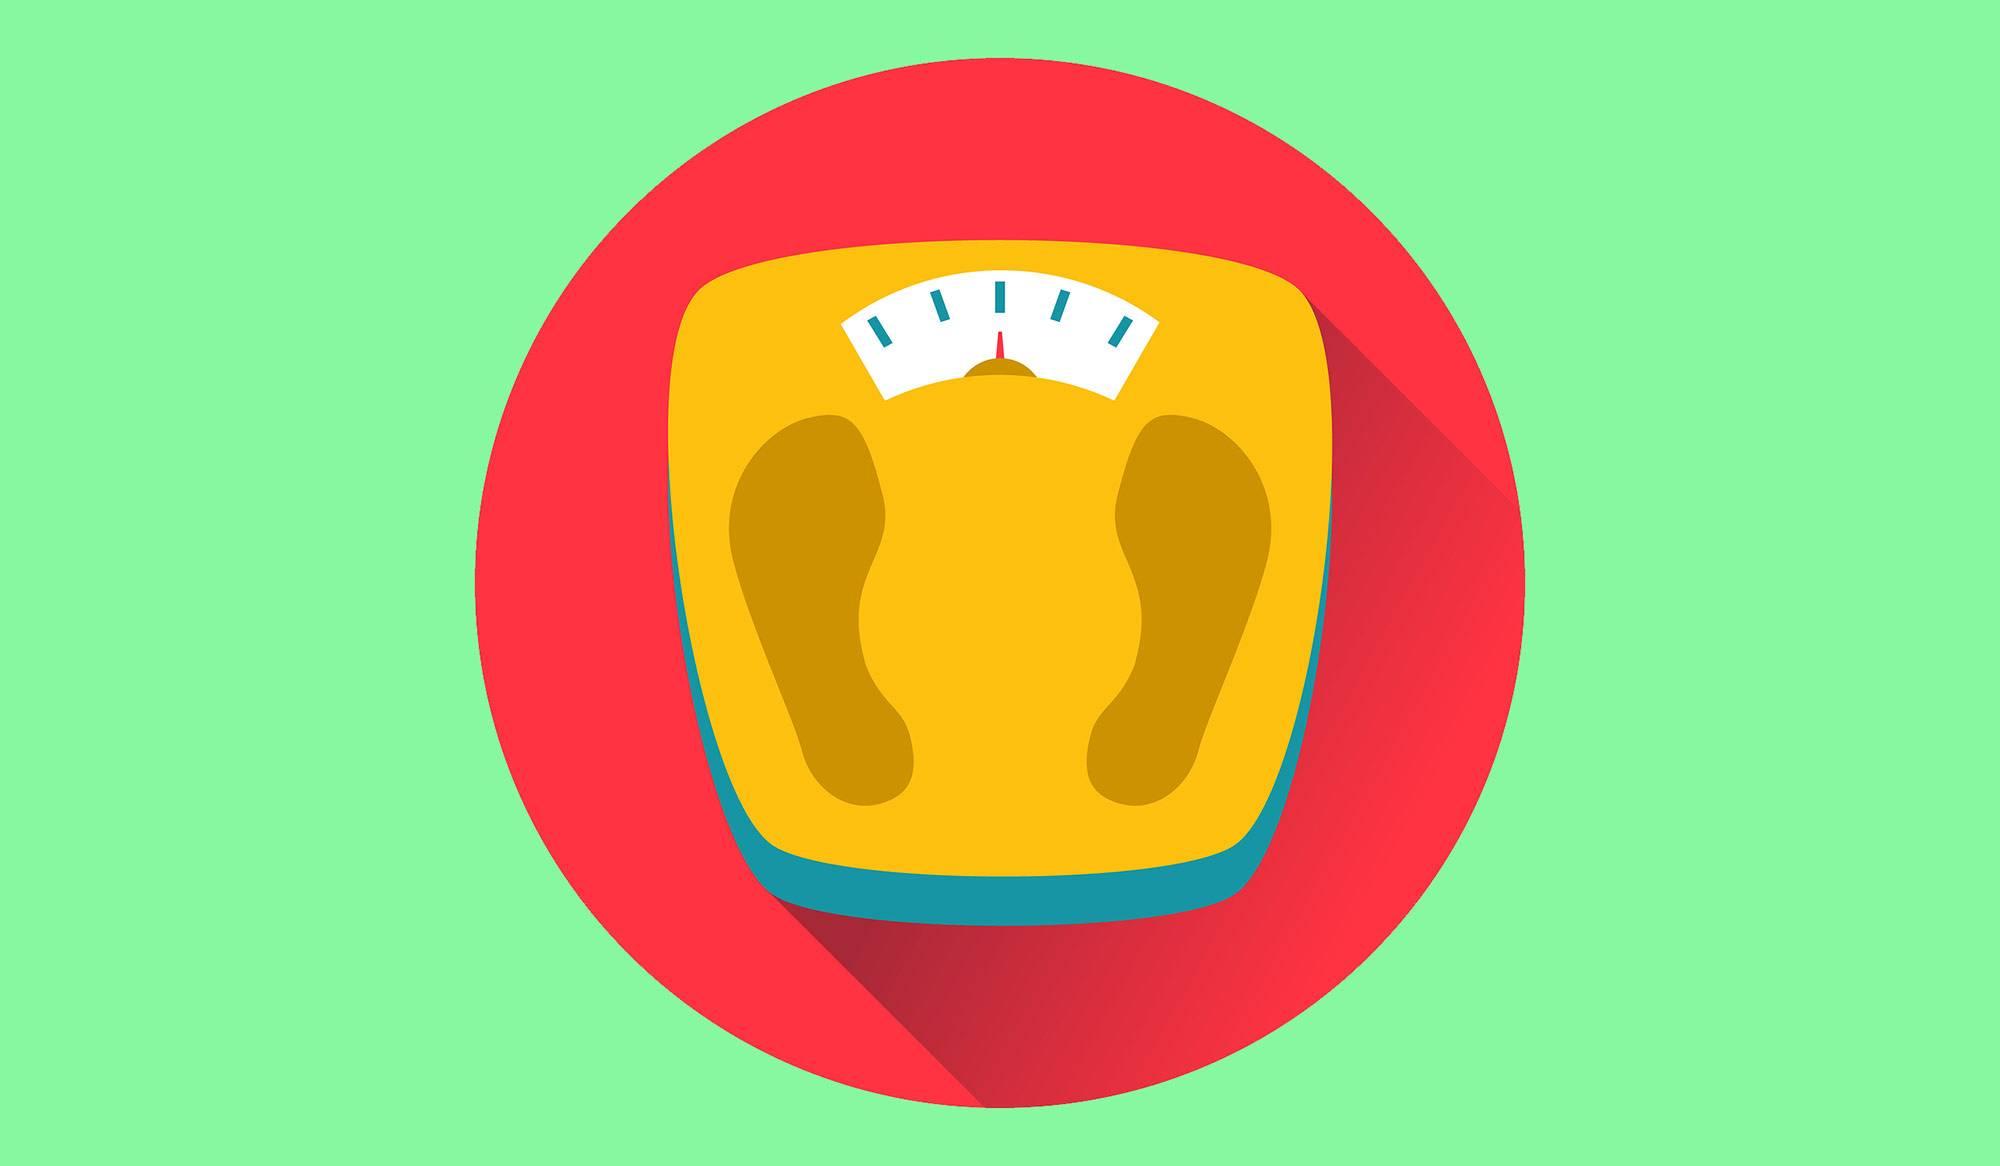 Индекс массы тела (индекс кетле). нормальный вес.